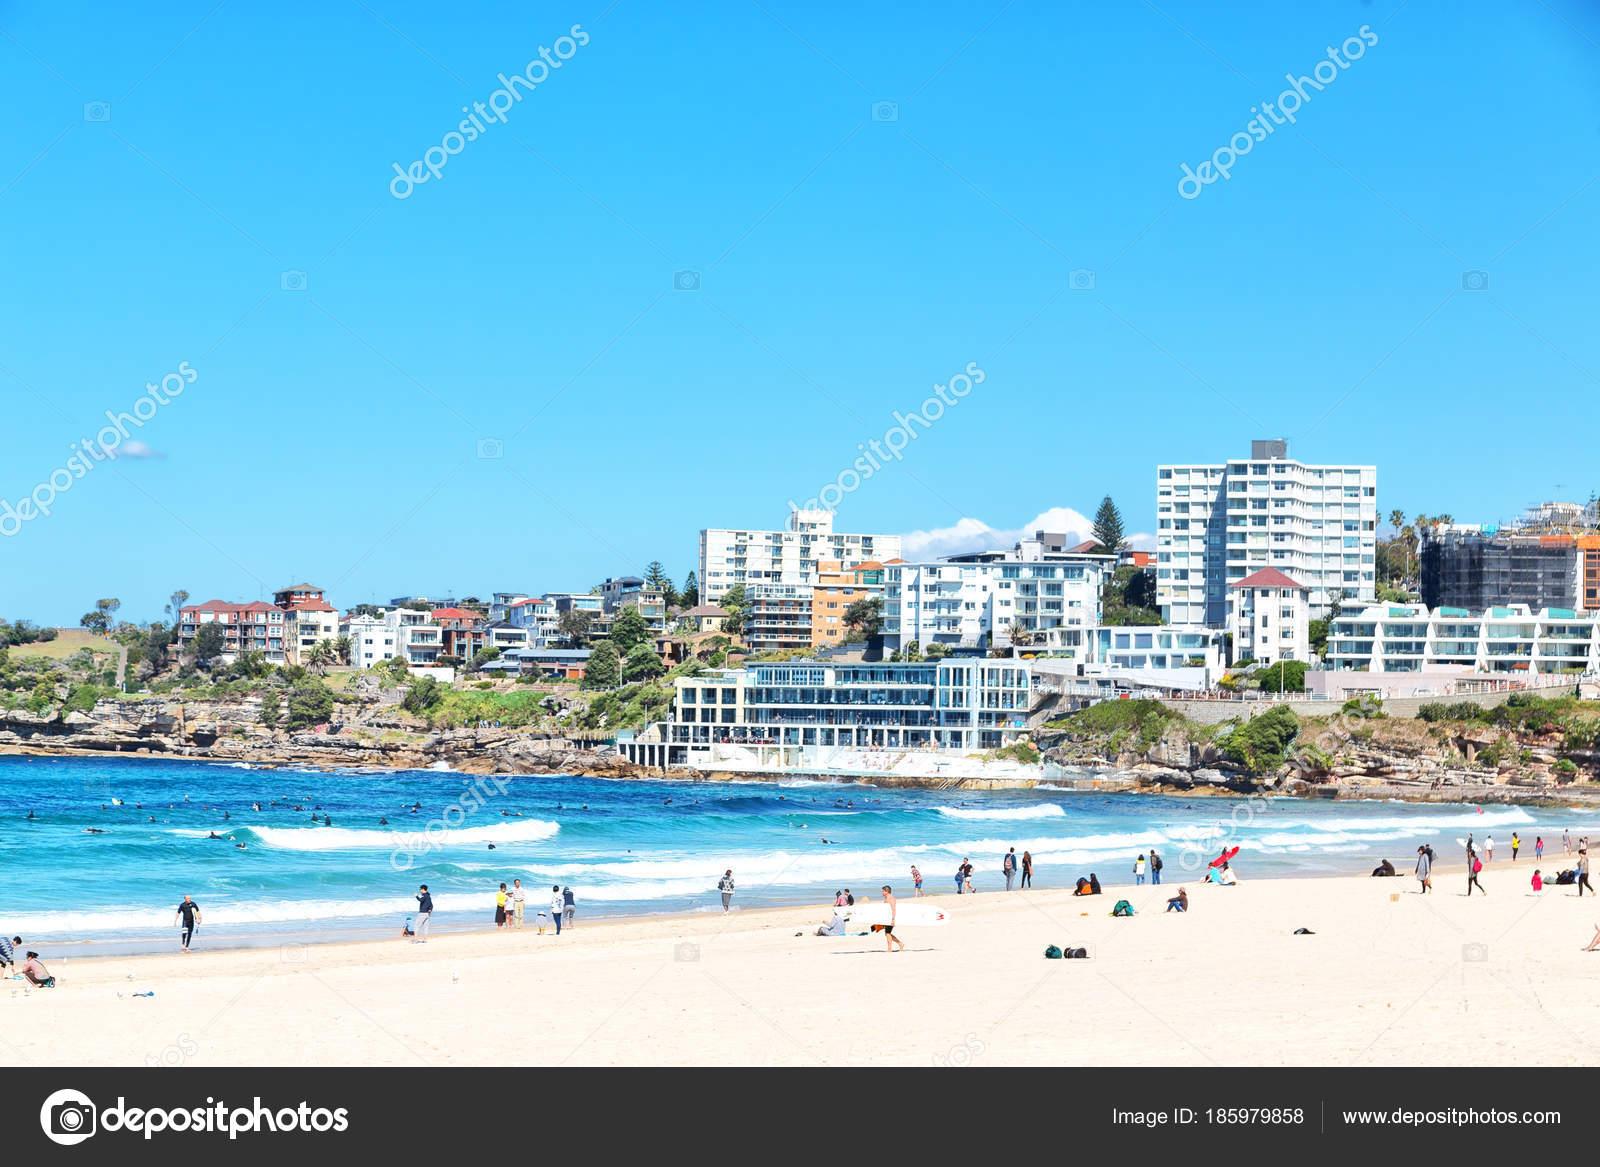 Australia People Bondie Beach Resort Ocean Stock Photo